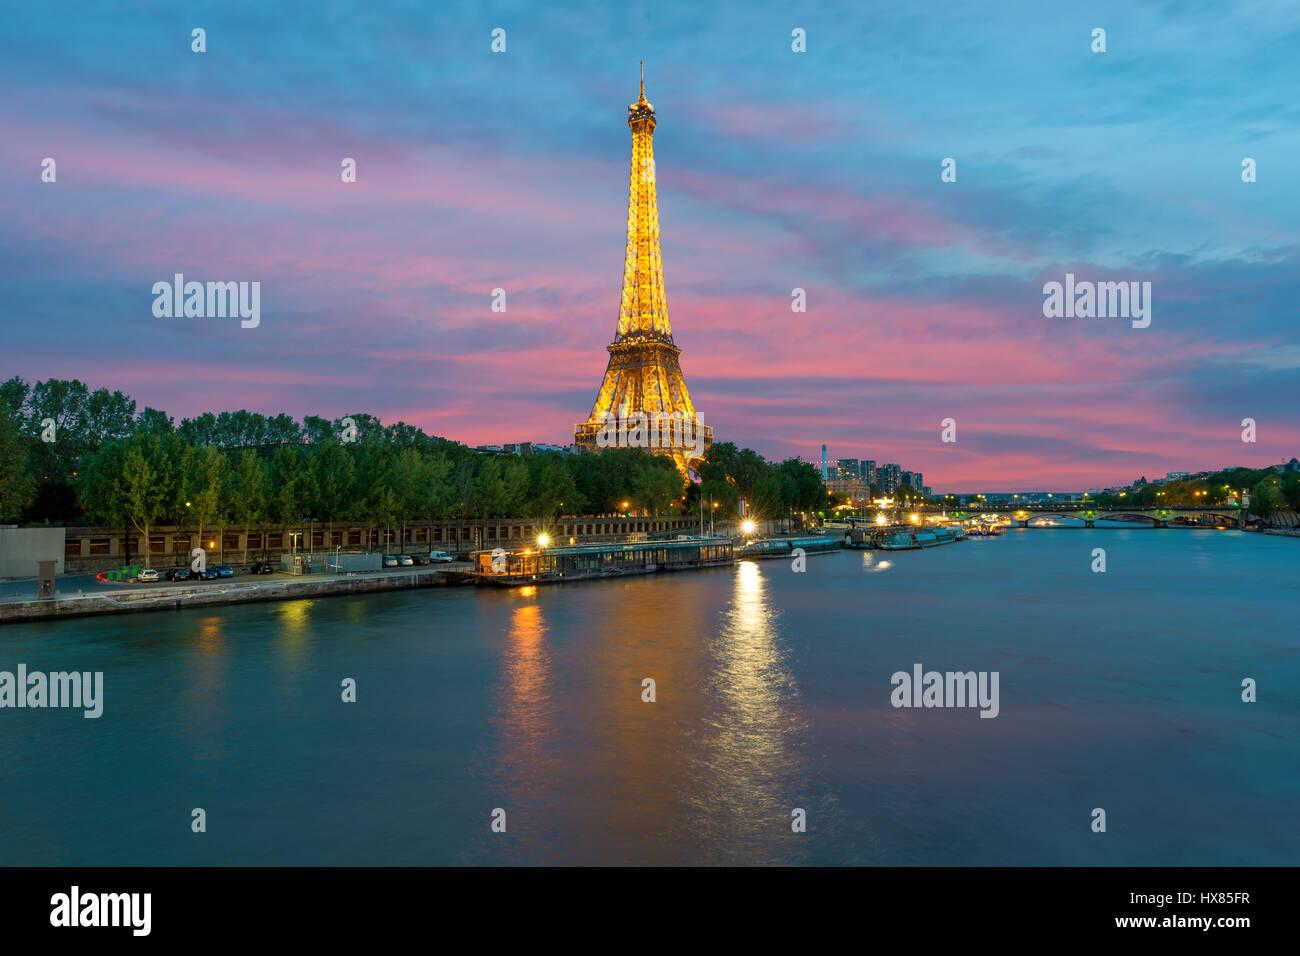 PARIS, Frankreich - 8. Mai 2016: Stadtbild von Paris, Frankreich mit Eiffelturm in der Nacht auf. Der Eiffelturm Stockbild